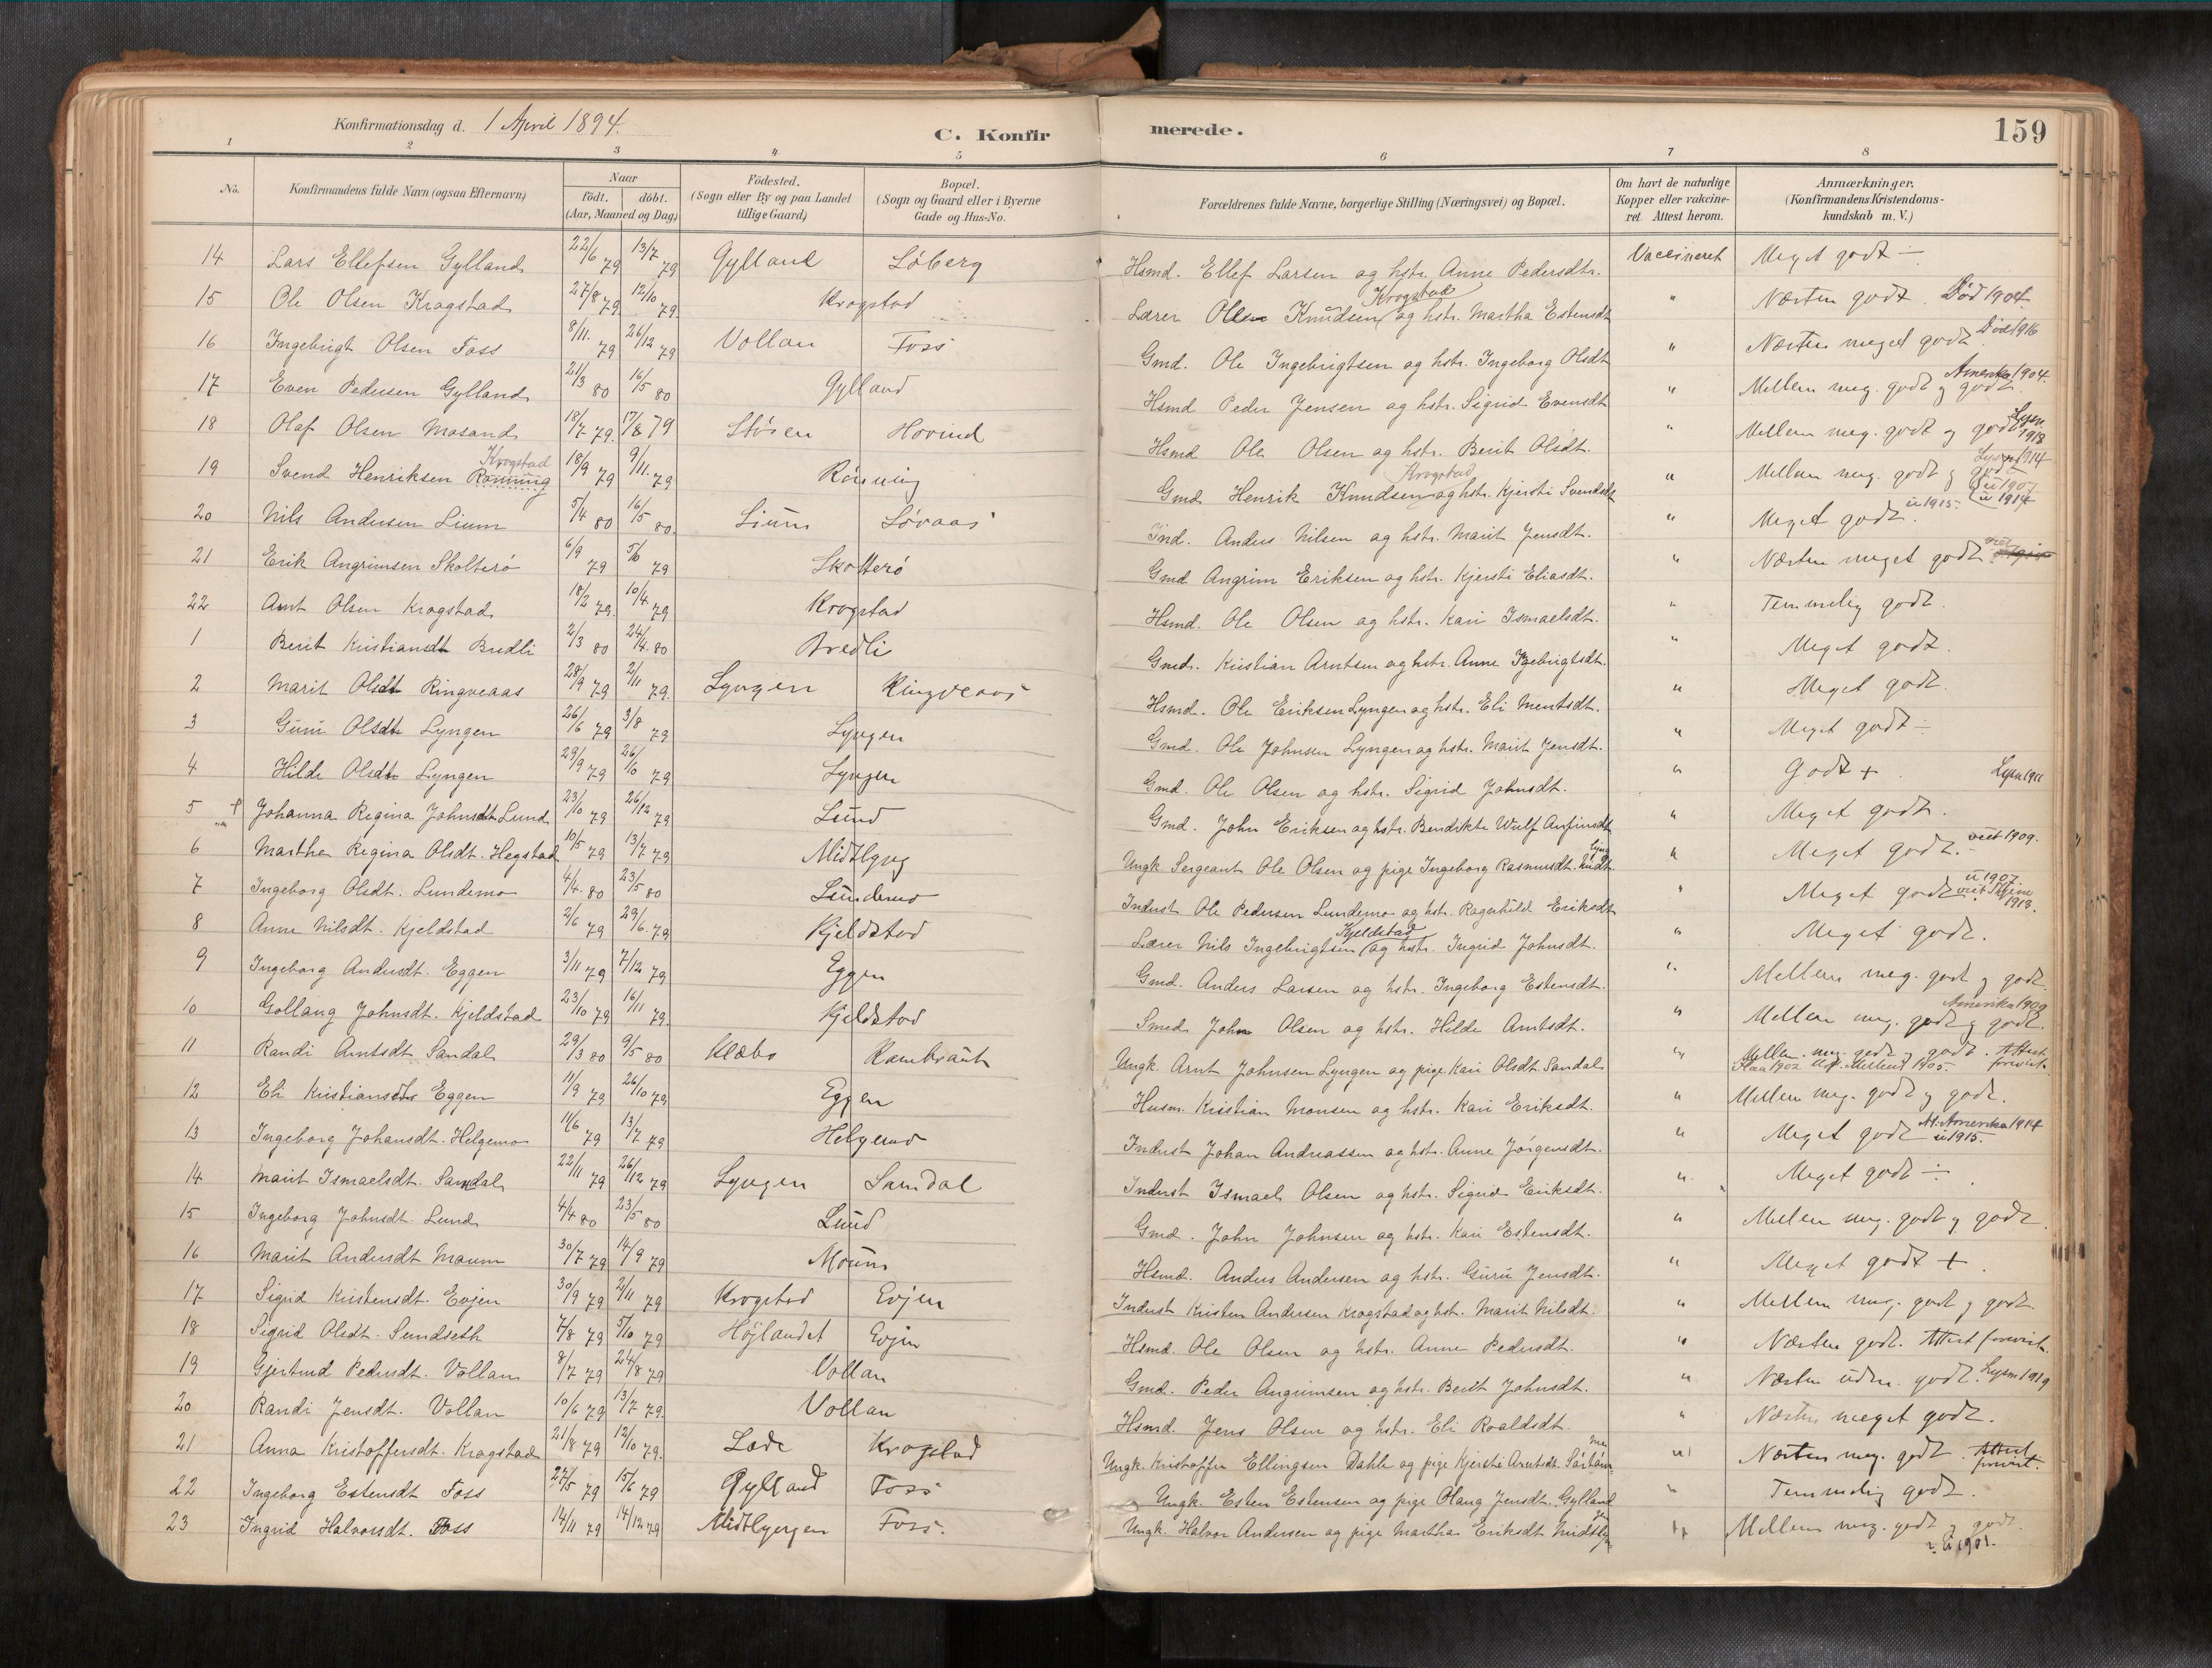 SAT, Ministerialprotokoller, klokkerbøker og fødselsregistre - Sør-Trøndelag, 692/L1105b: Ministerialbok nr. 692A06, 1891-1934, s. 159